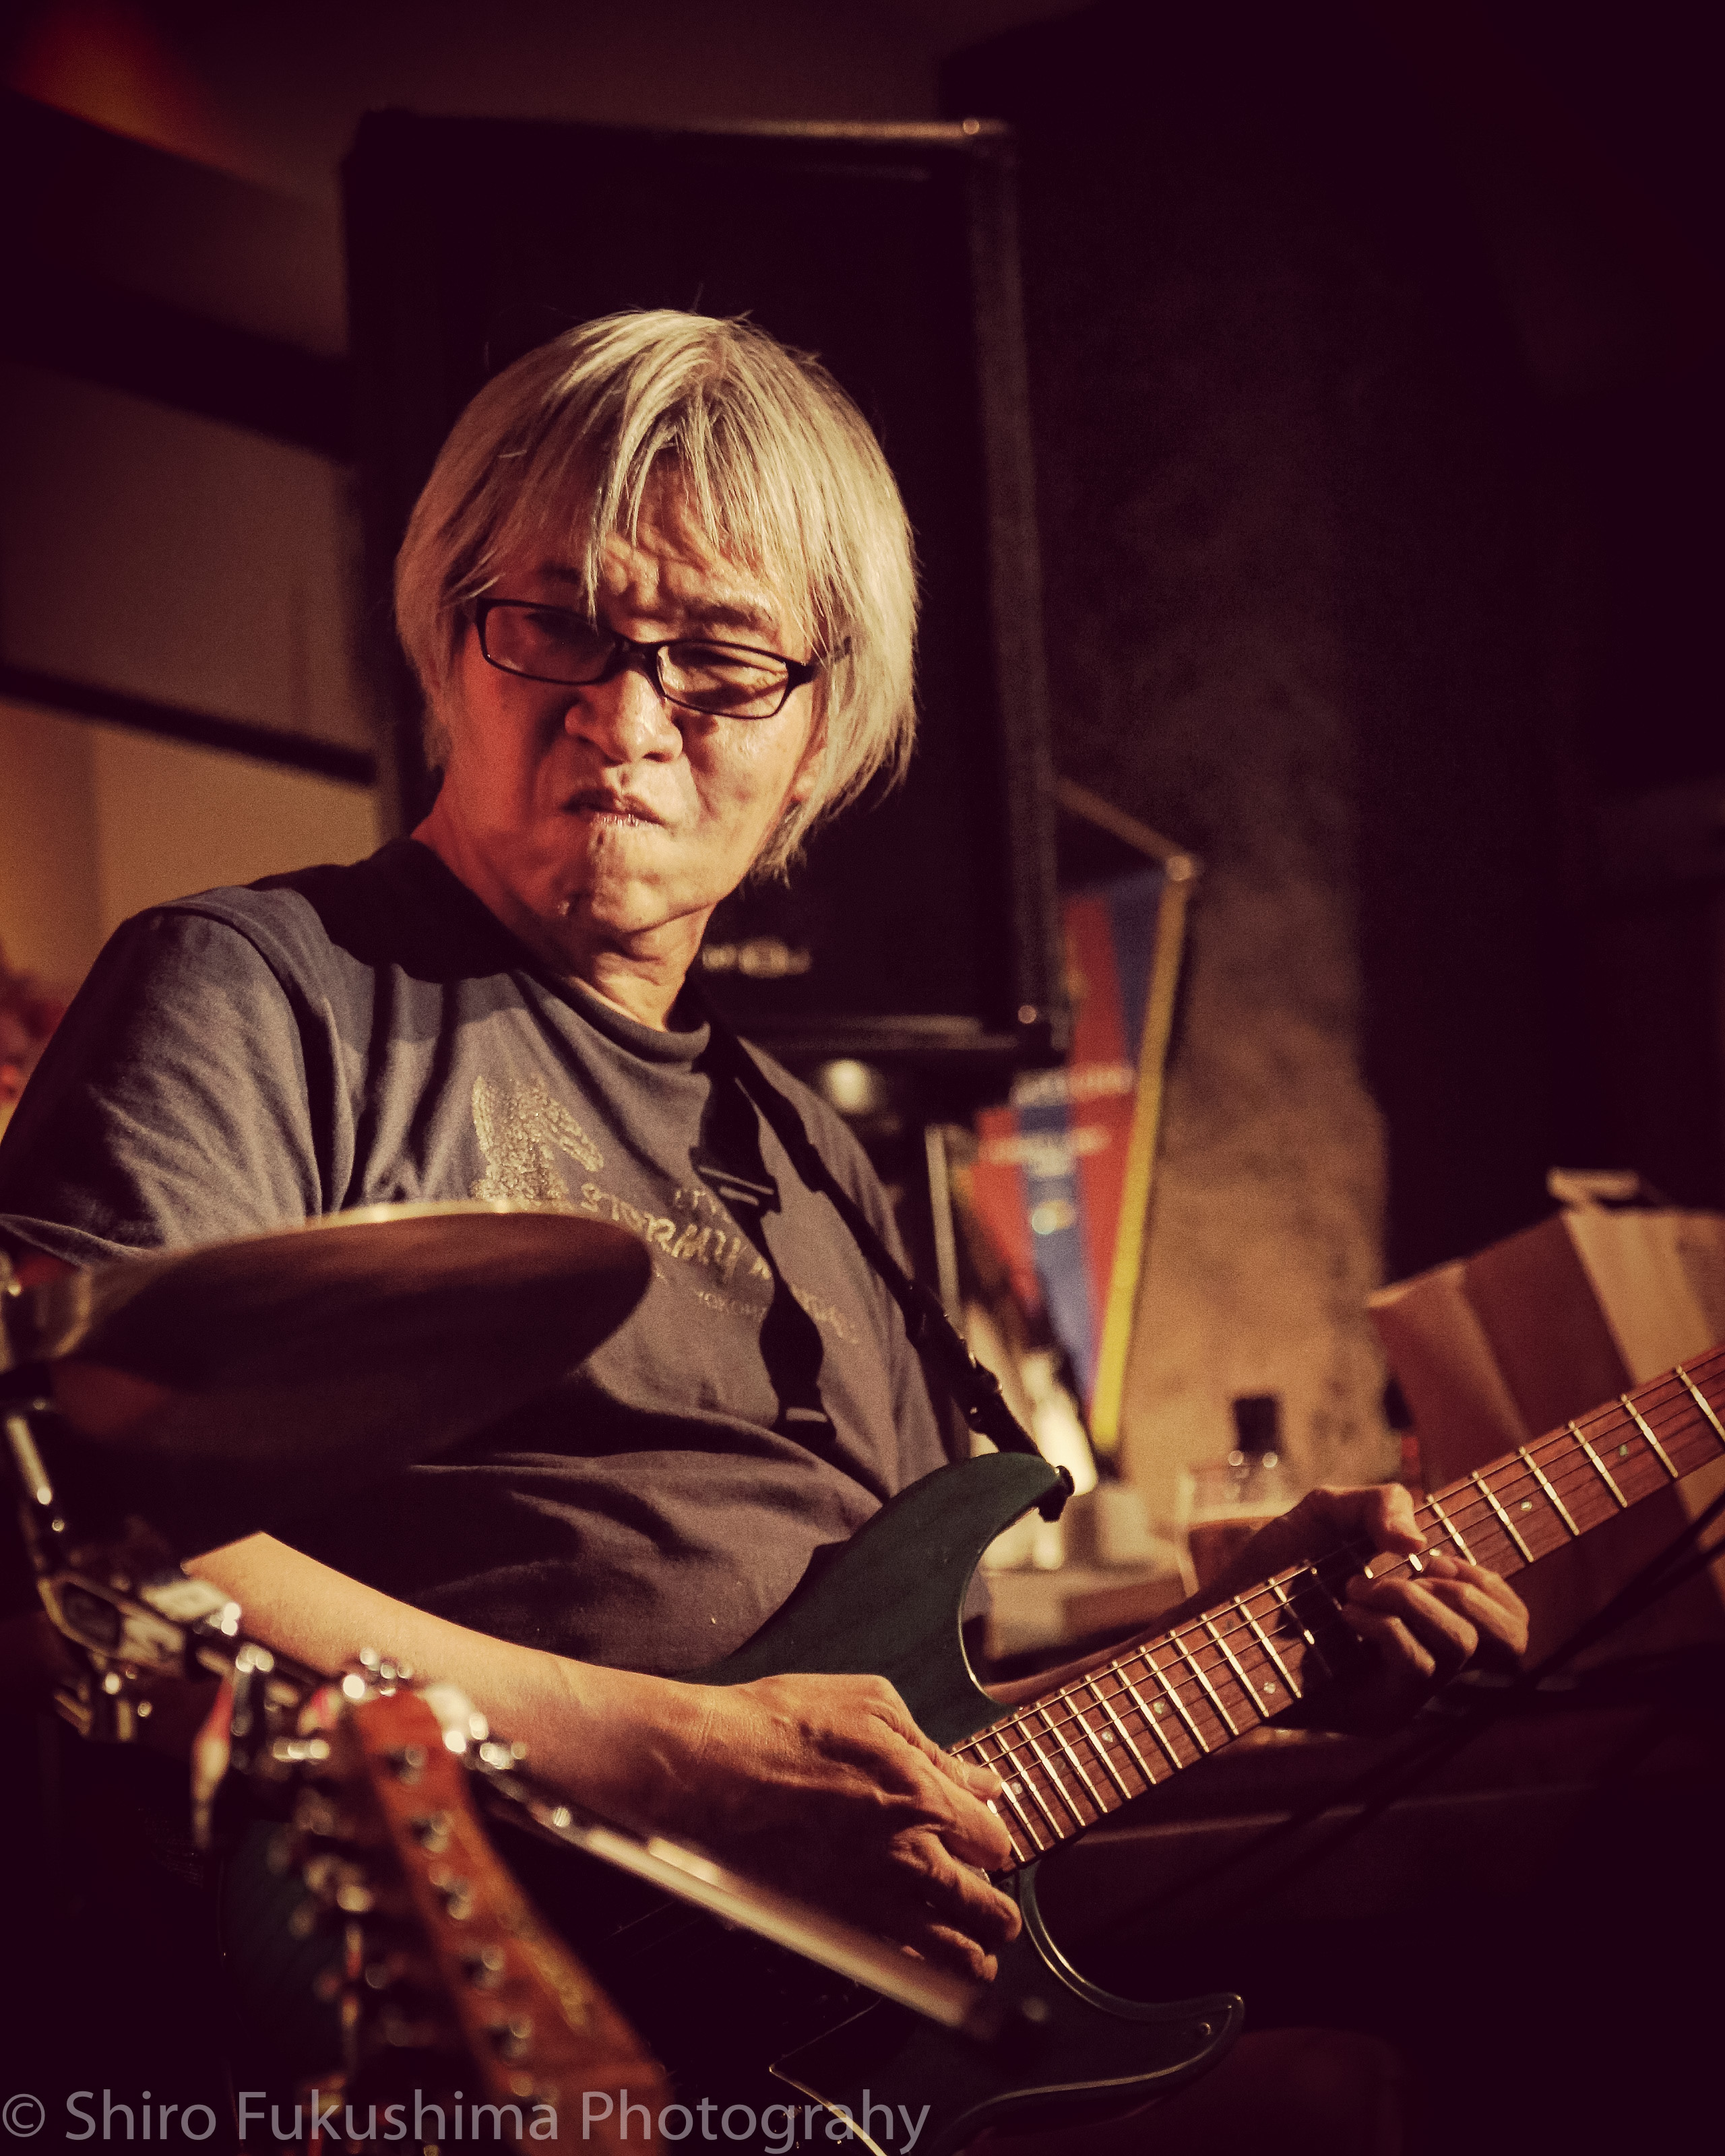 Akira Wada